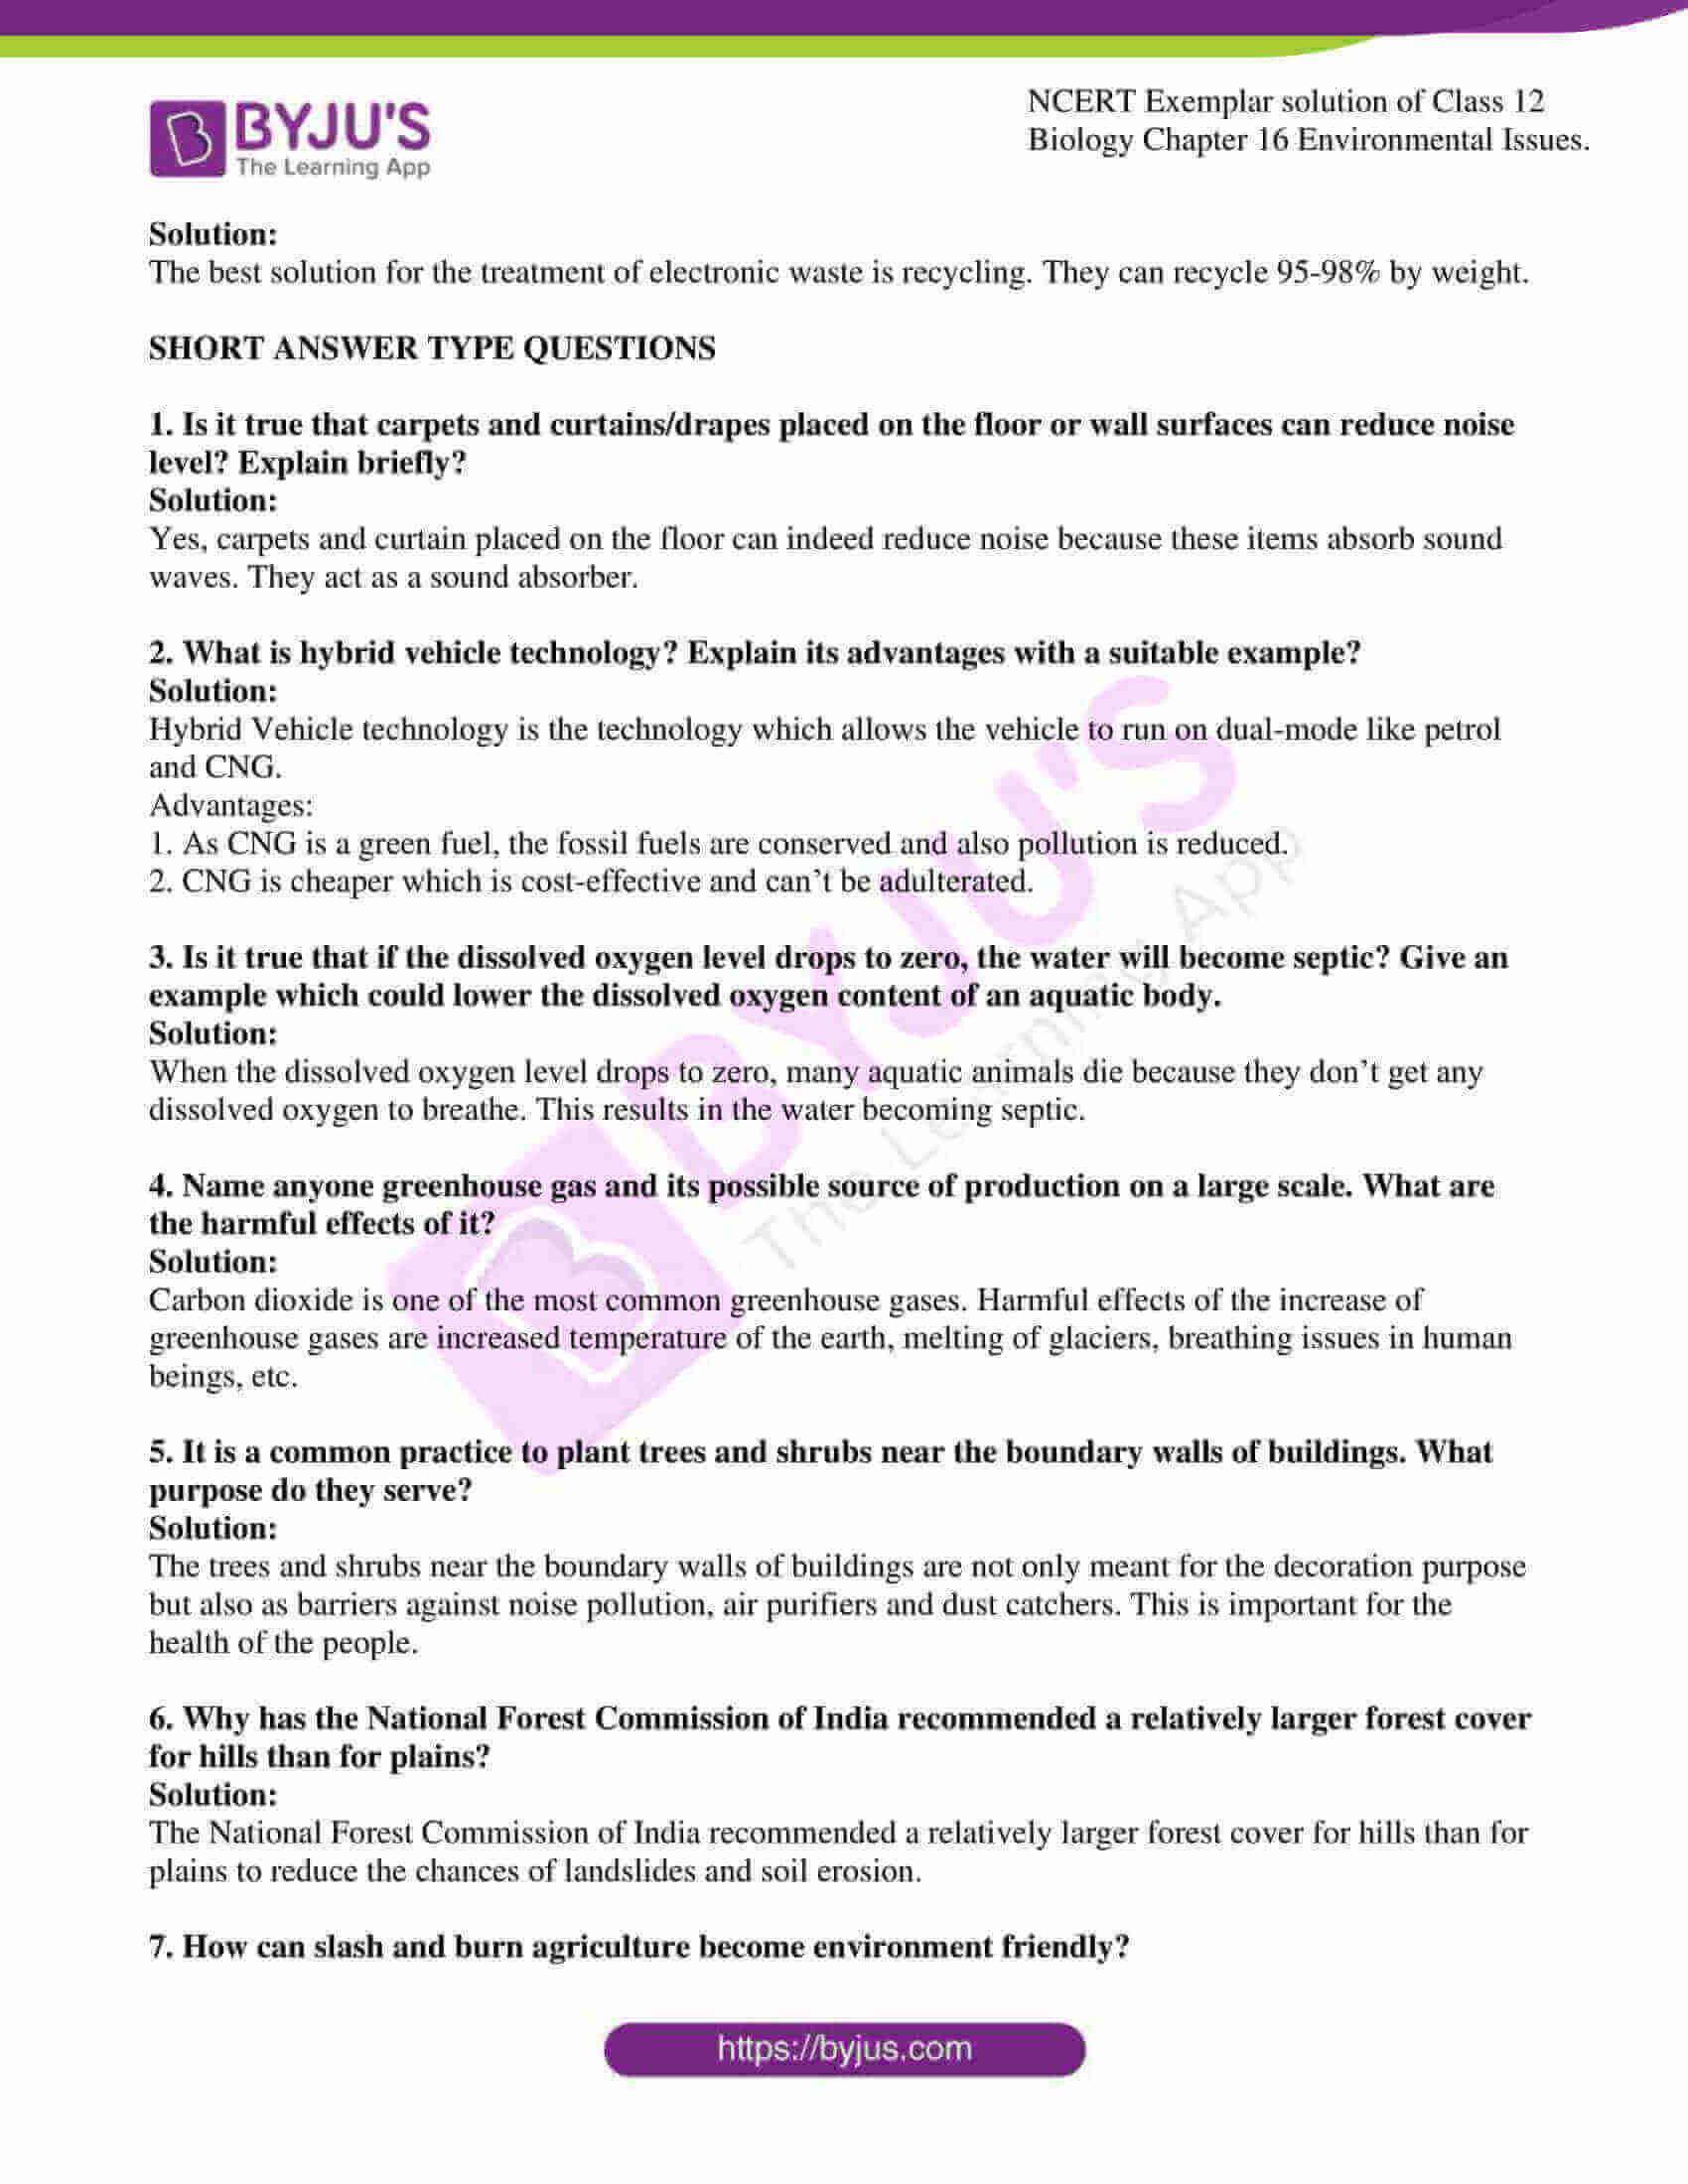 ncert exemplar solution of class 12 biology chapter 16 07